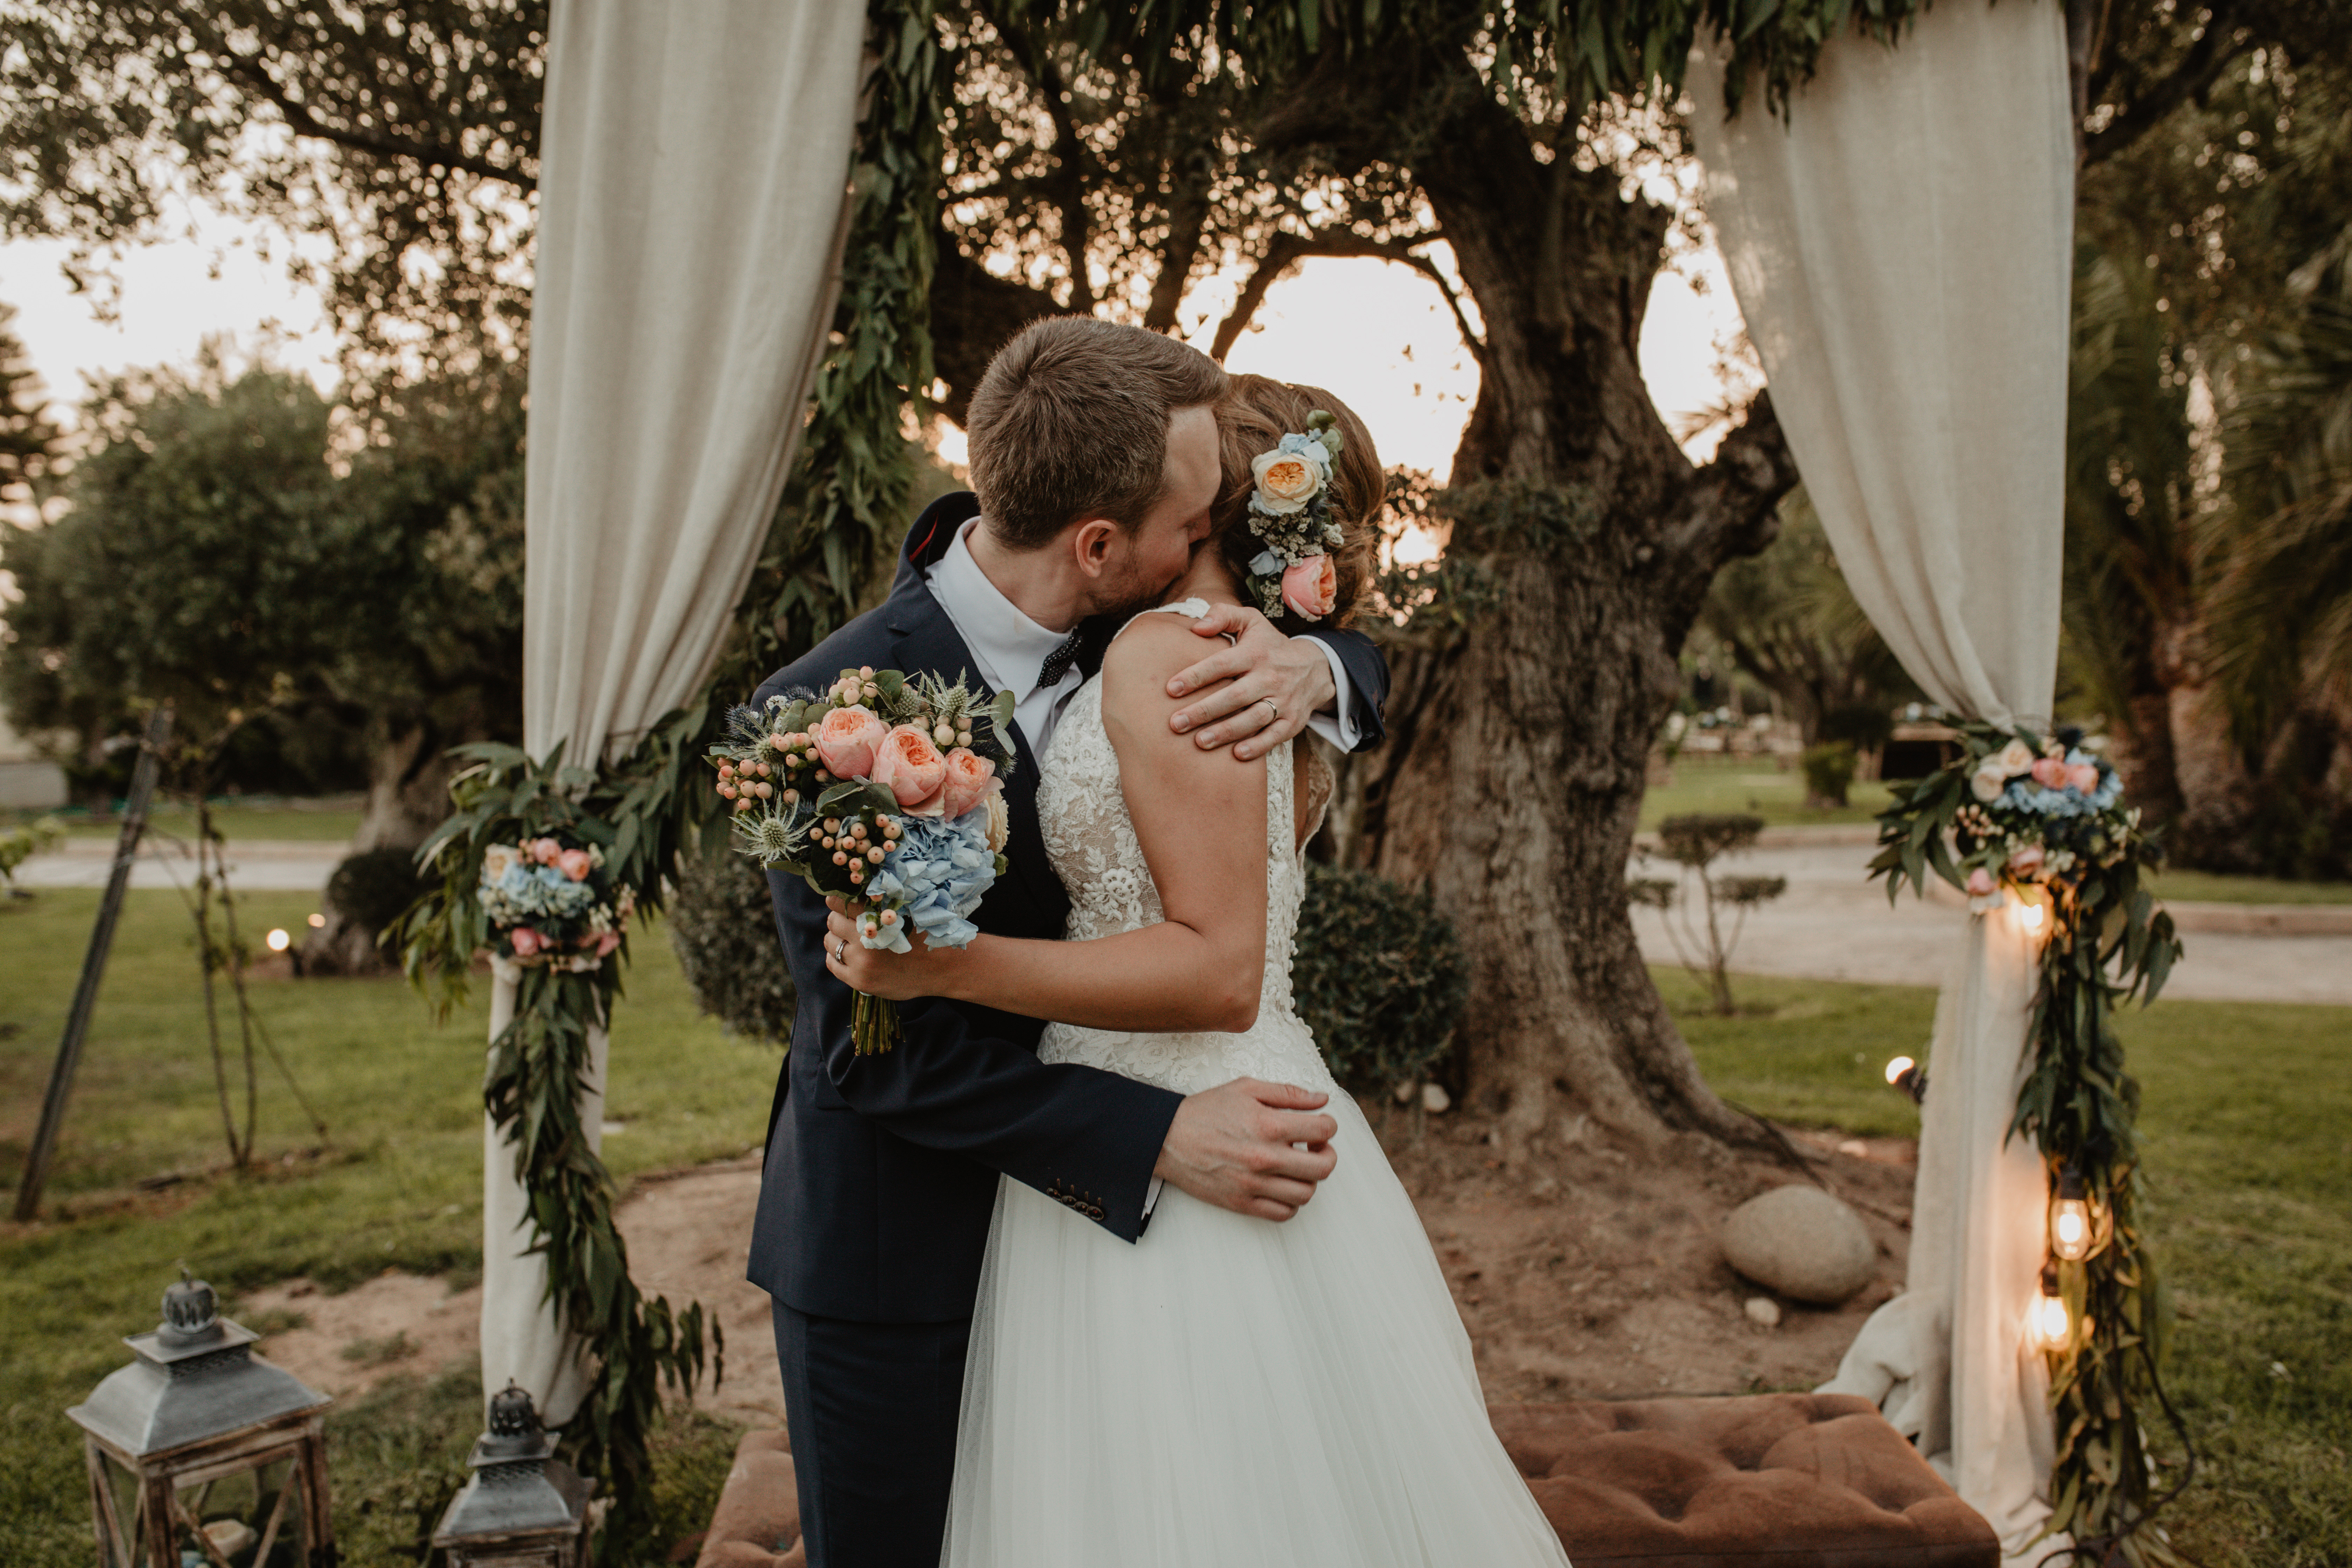 Fotografía de boda pareja besandose en jardín